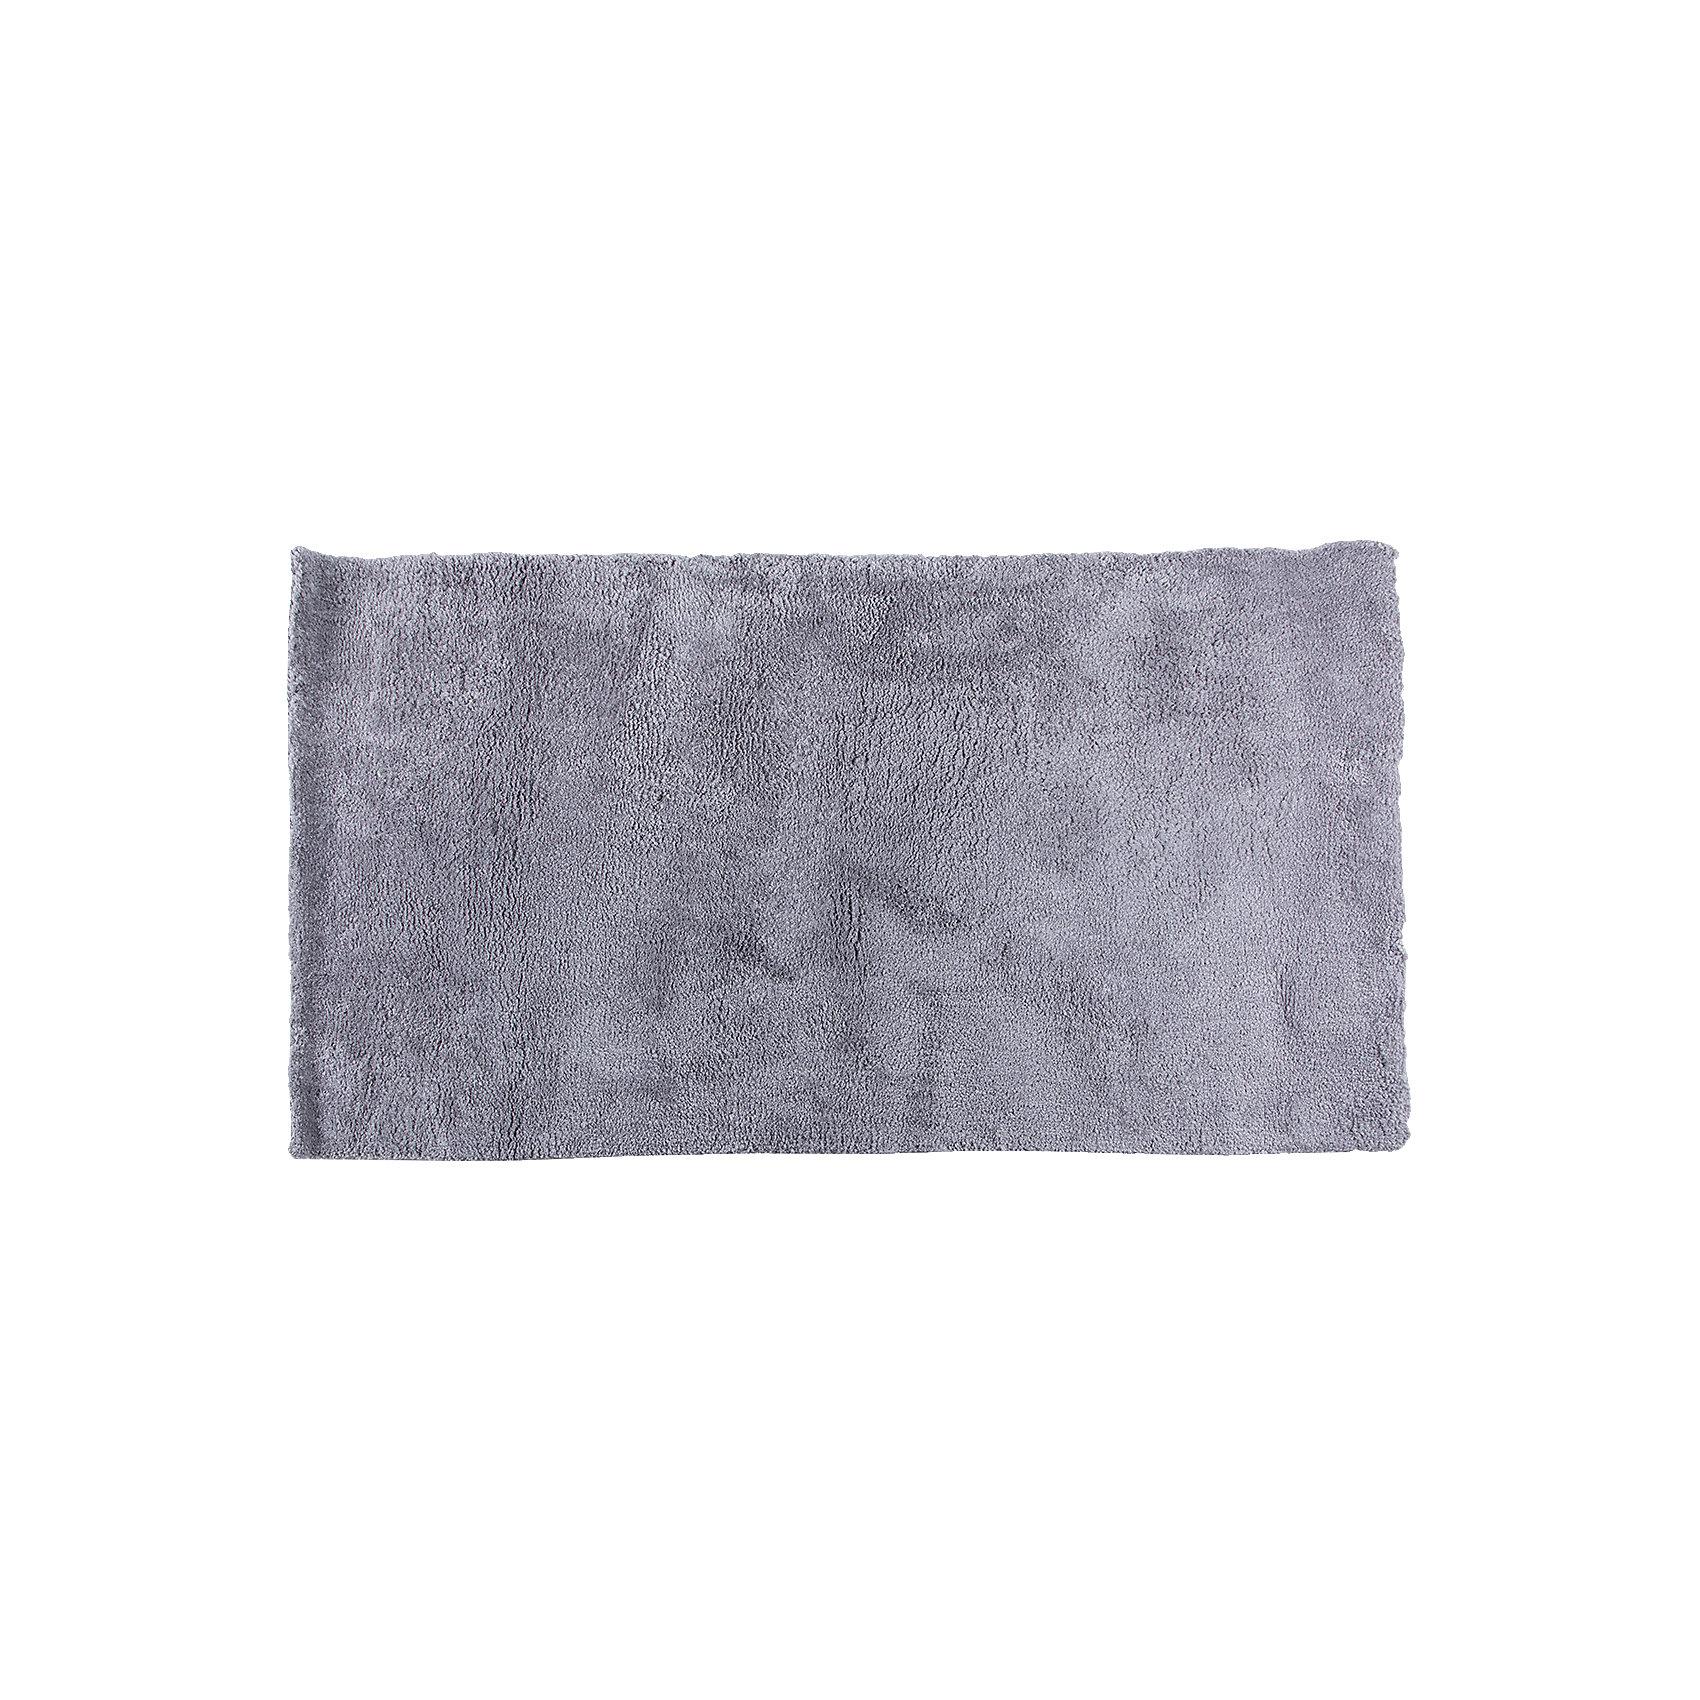 Ковёр Microfiber, лавсан, Amigo, серебрянно-серый, 0,8х1,5м.